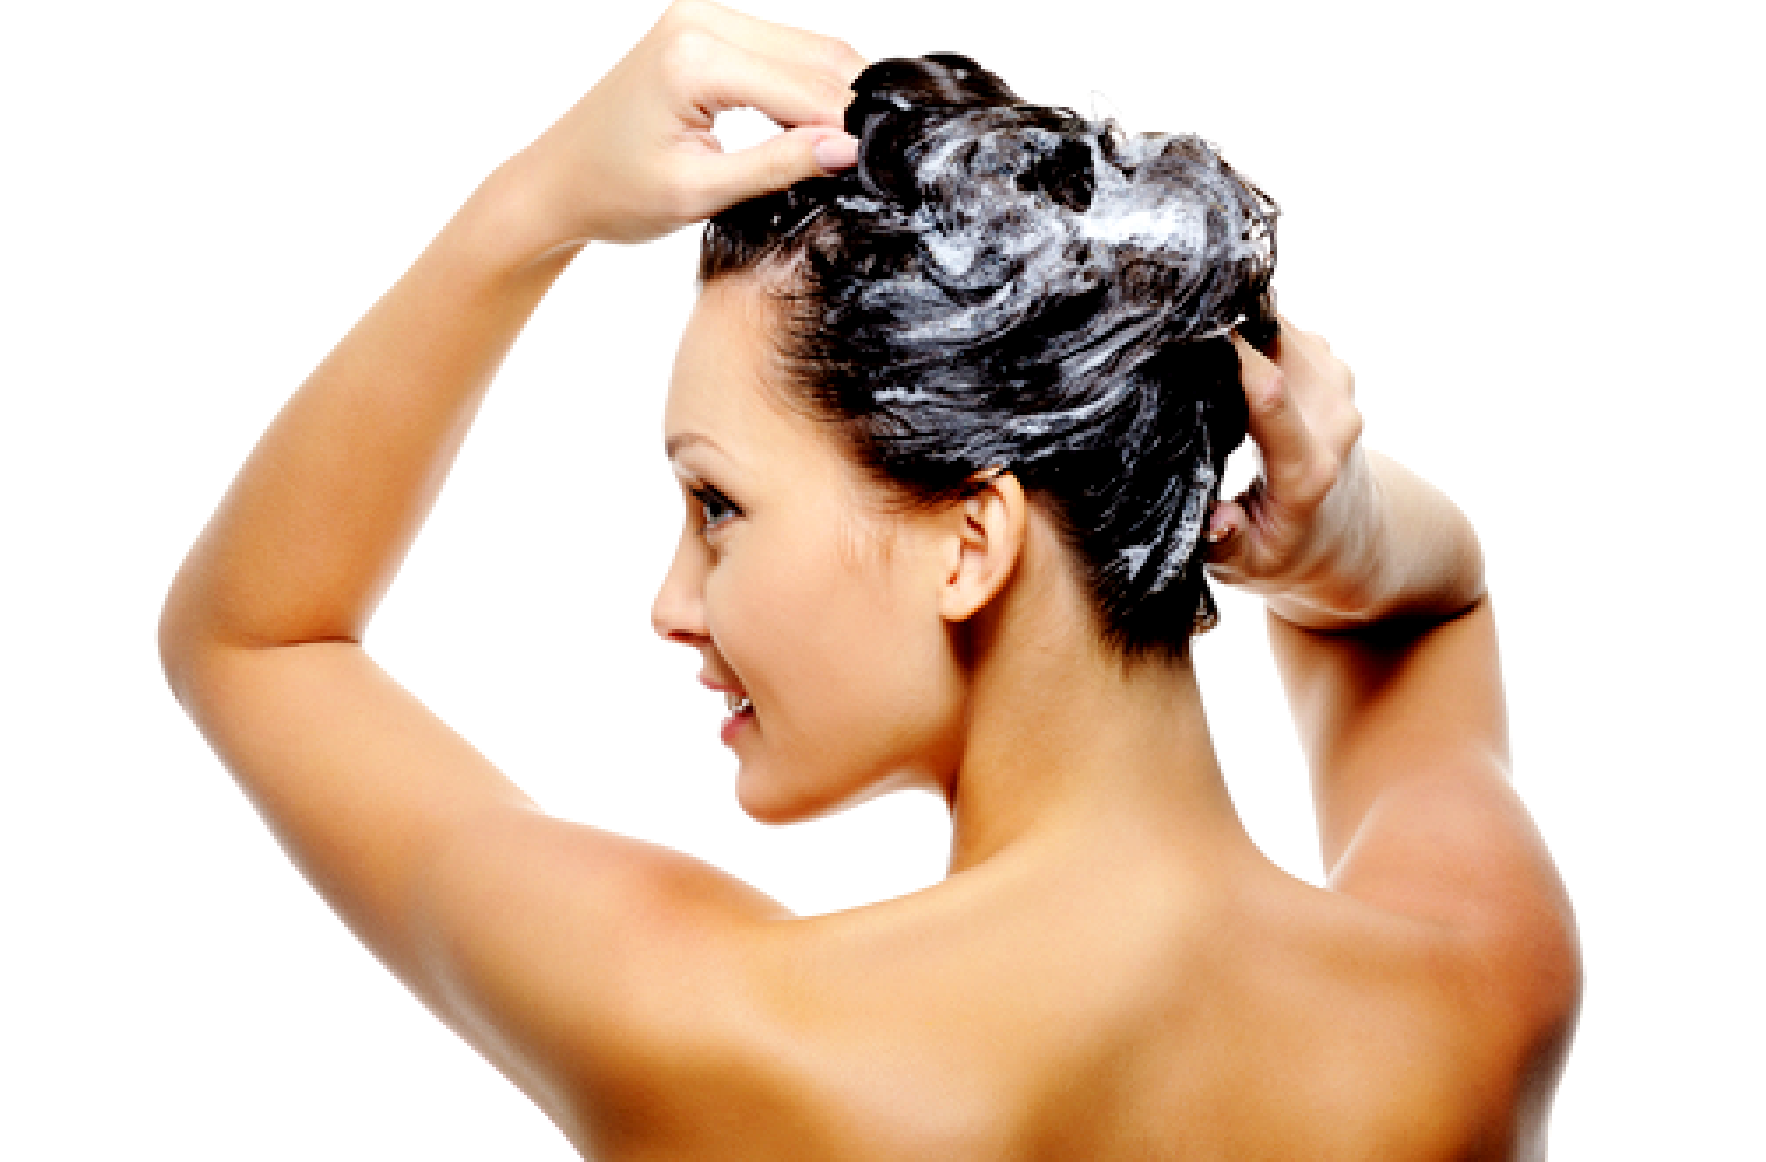 Научившись правильно мыть голову, вы окажете неоценимую услугу своим волосам